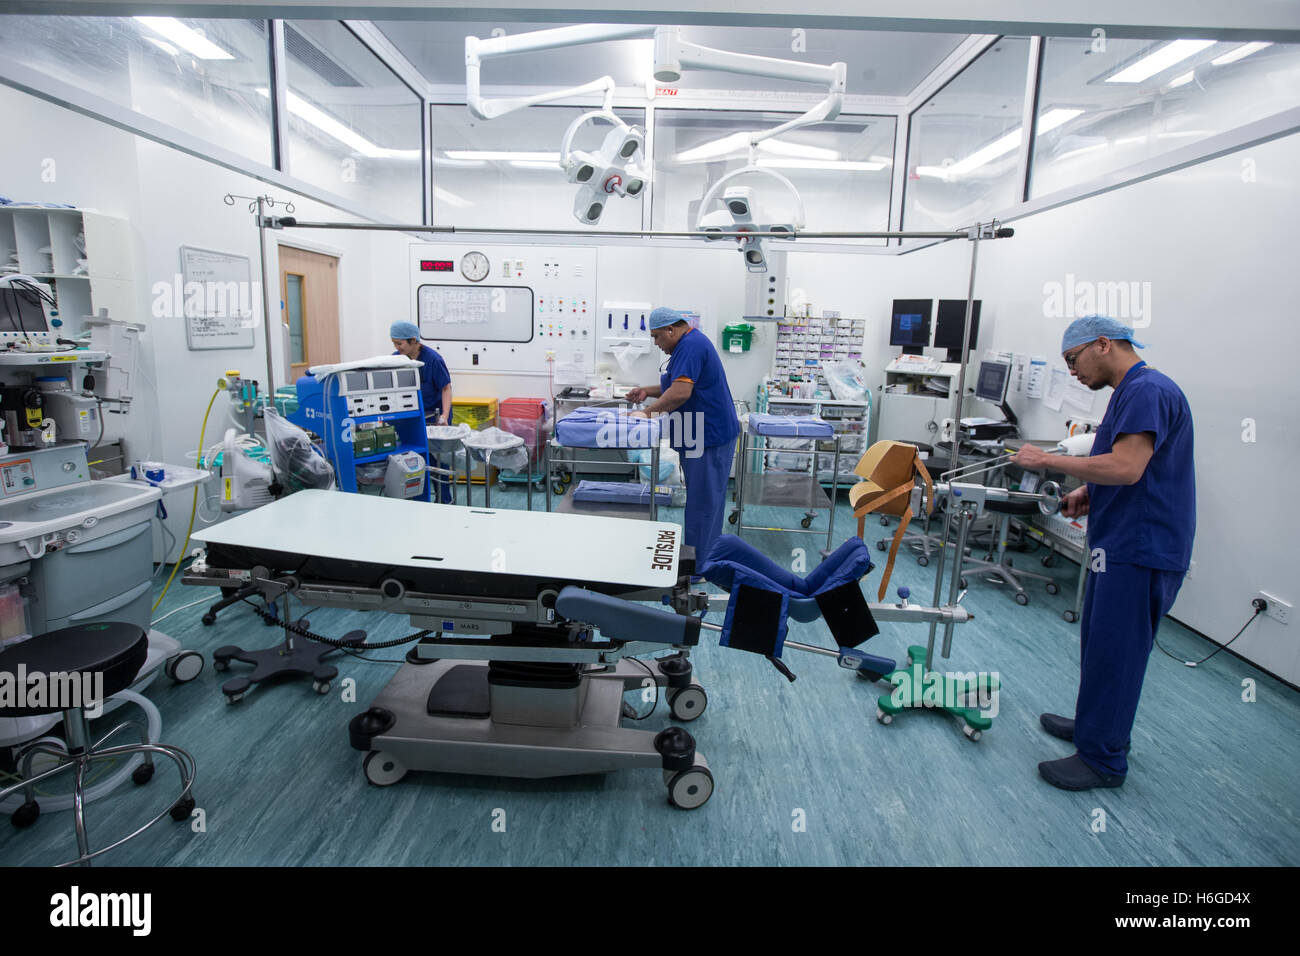 Krankenhauspersonal im Operationssaal, die Vorbereitung auf eine operation Stockbild